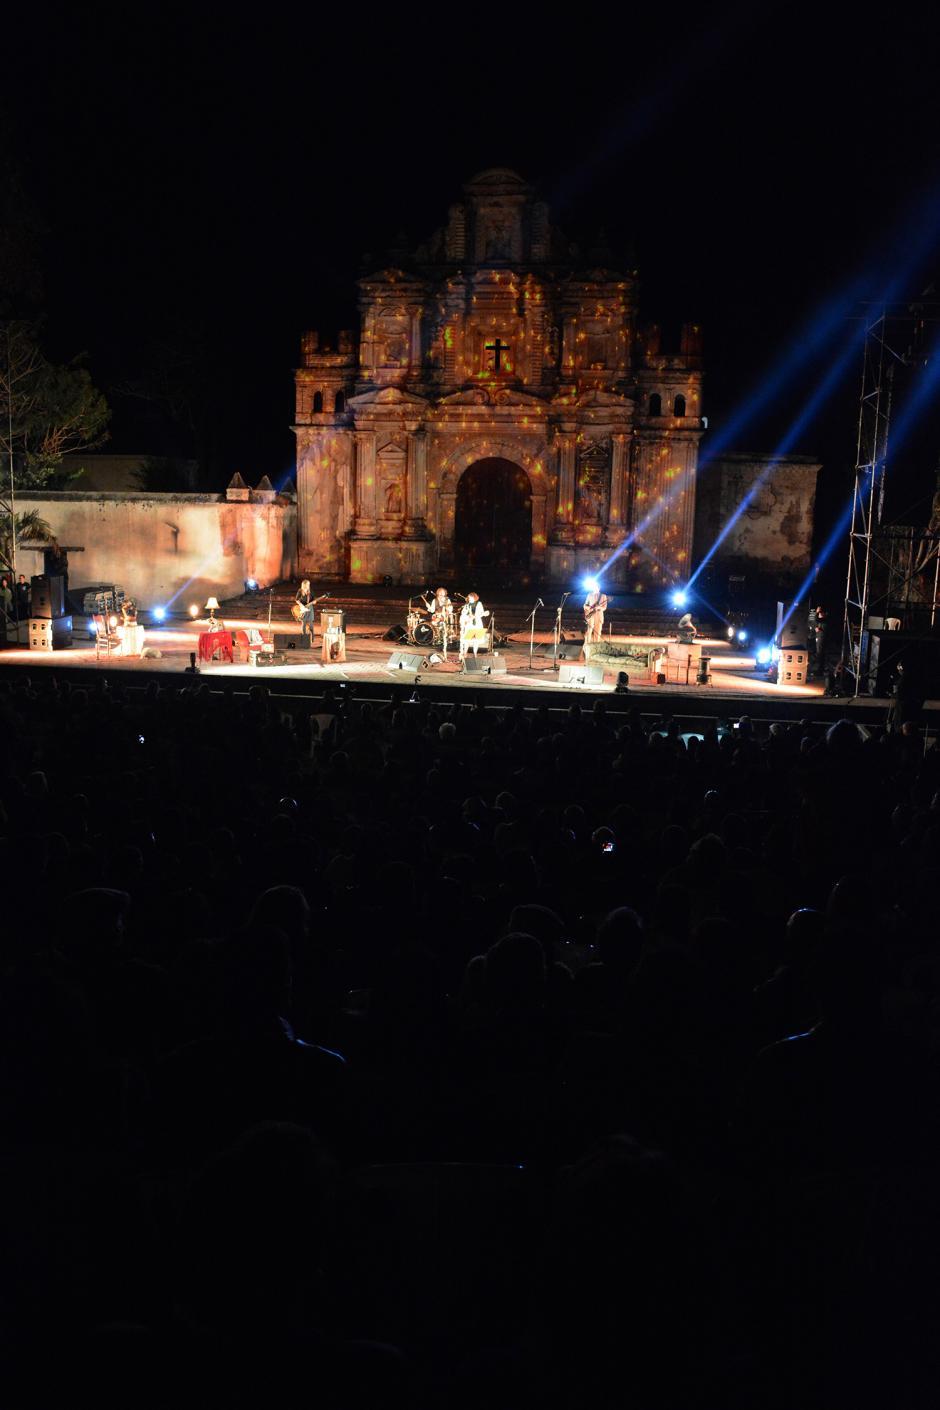 Un escenario mágico junto al gran desempeño de los artistas en el escenario.(Foto: Ximena Díaz/Soy502)